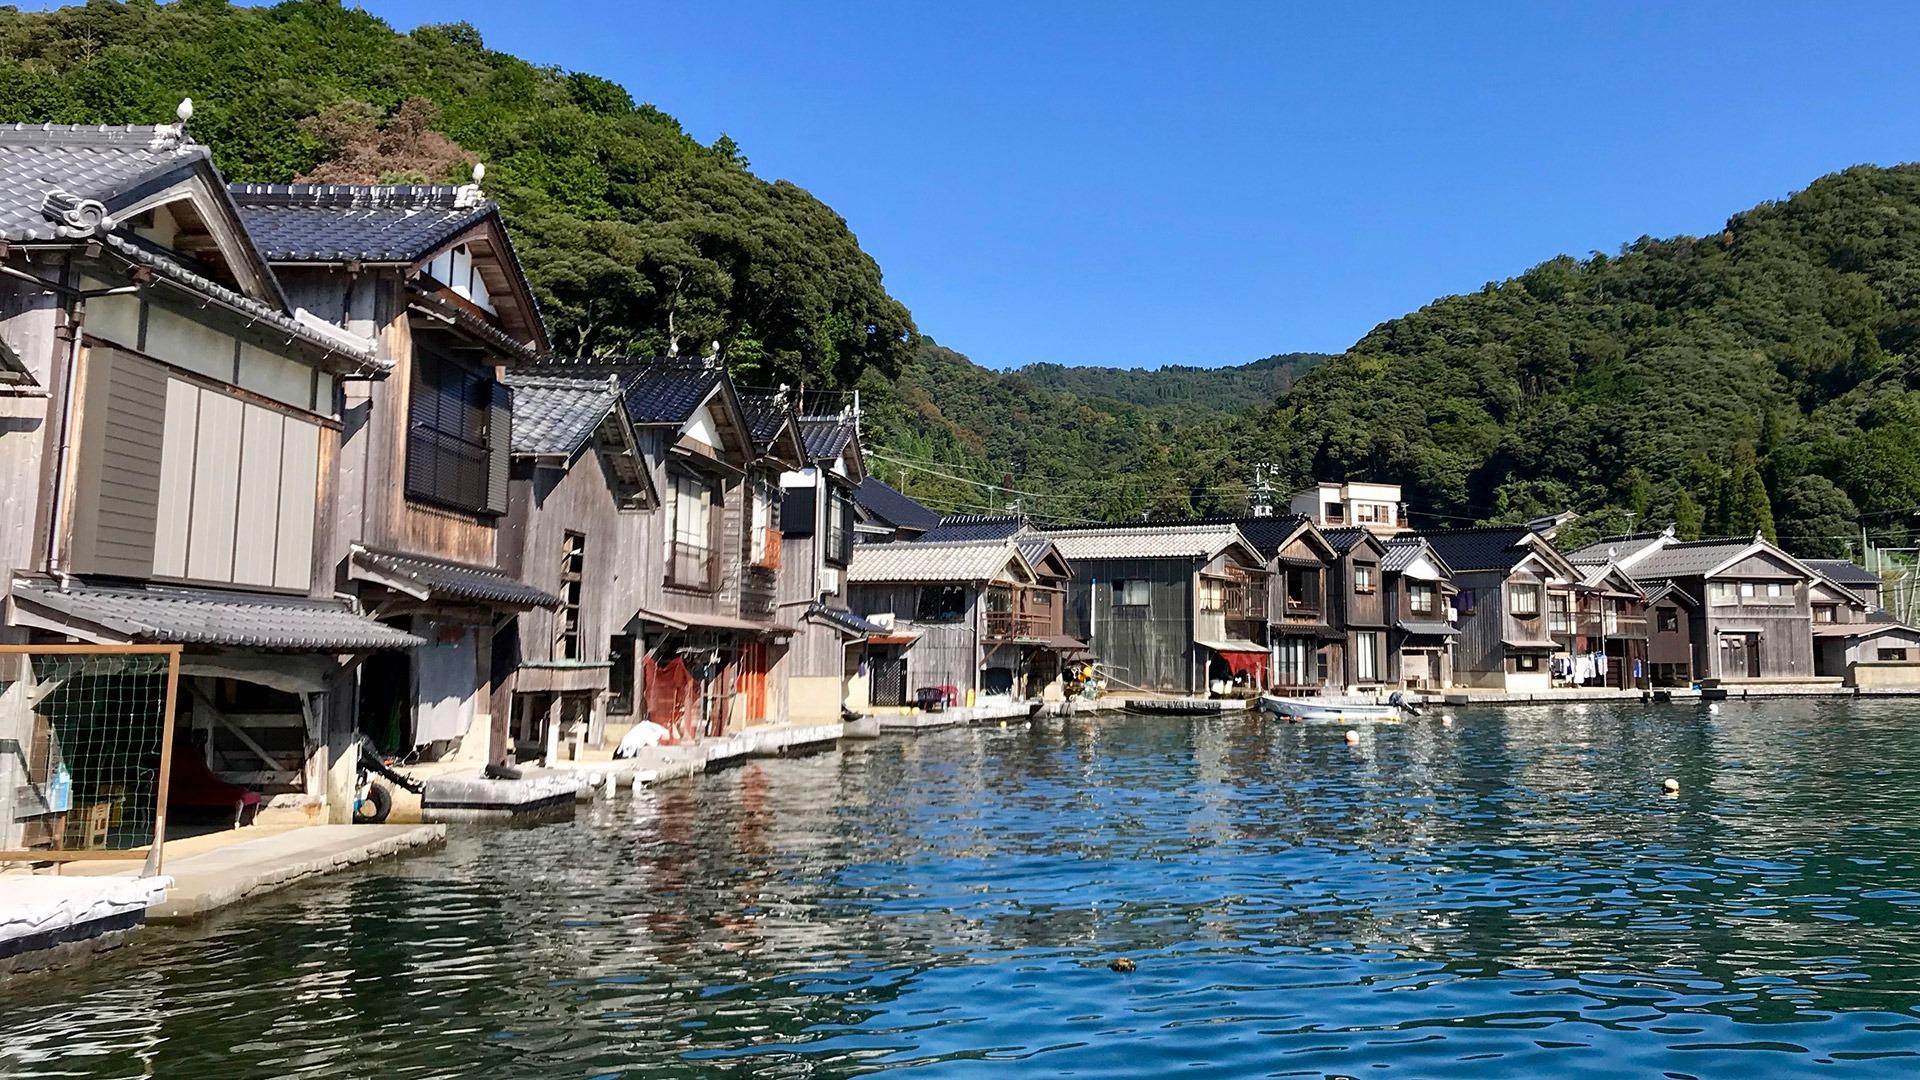 Funaya residences in the seaside village of Ine, Japan